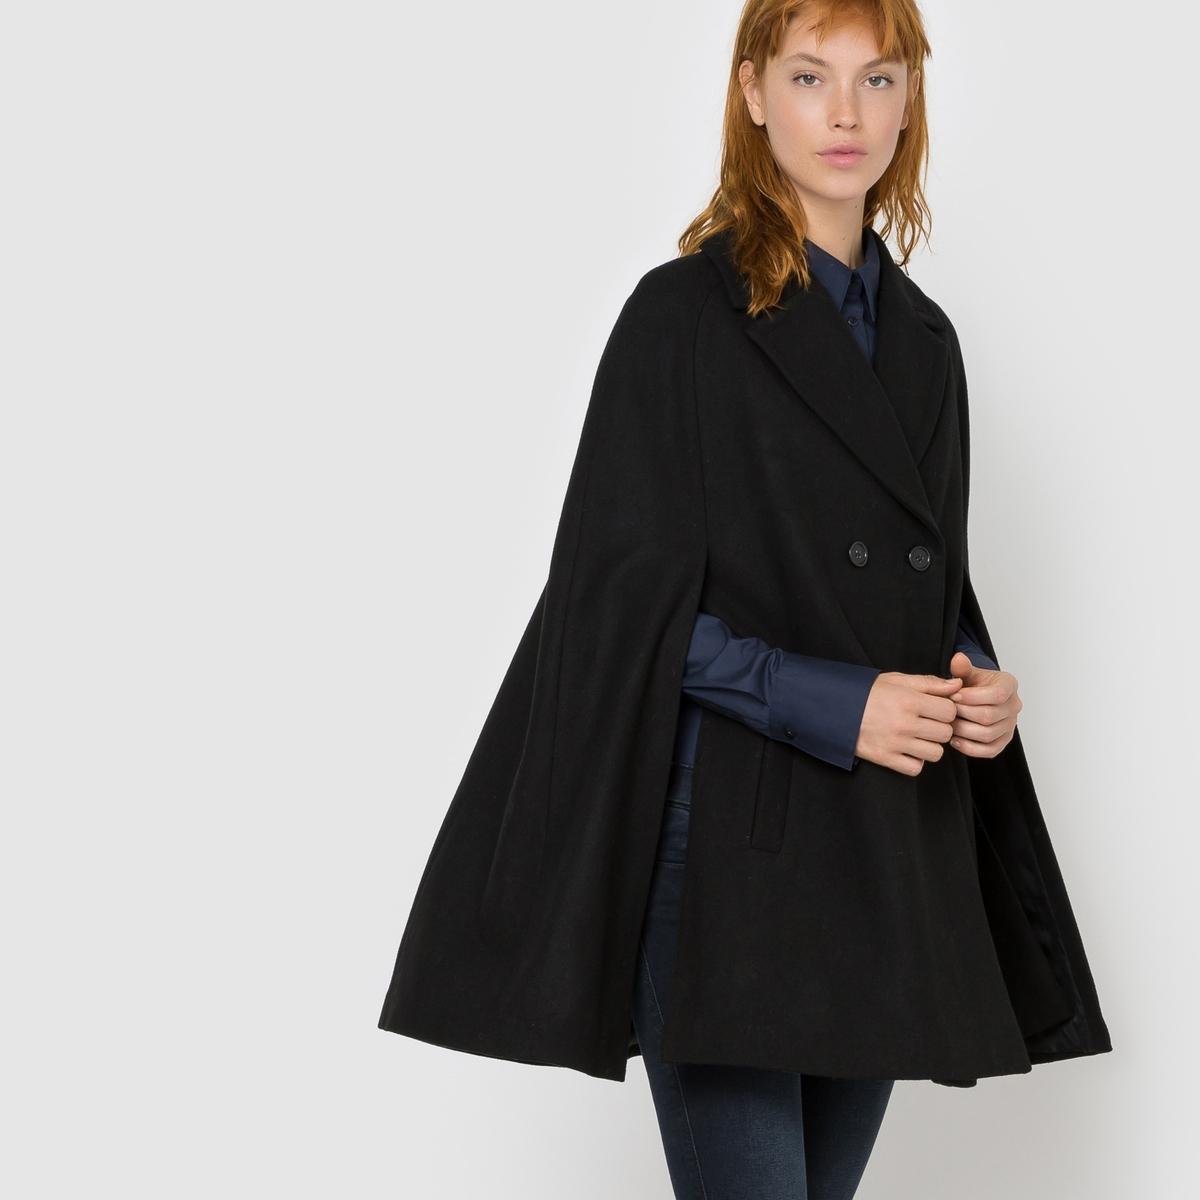 КейпКейп, новое пальто в этом сезоне ! Пиджачный воротник. Застежка на пуговицы. 2 прорезных кармана по бокам. Вышивка золотистый бантик с внутренней стороны на спинке вверху  .Состав и описание : Материал 38% шерсти, 28% акрила, 27% полиэстера, 4% хлопка, 3% полиамидаПодкладка: 100% полиэстераДлина 85 см Бренд: Mademoiselle R Уход :Сухая чистка..Машинная сушка запрещена.Гладить на низкой температуре.<br><br>Цвет: терракота,черный<br>Размер: 36 (FR) - 42 (RUS).36 (FR) - 42 (RUS).38 (FR) - 44 (RUS)